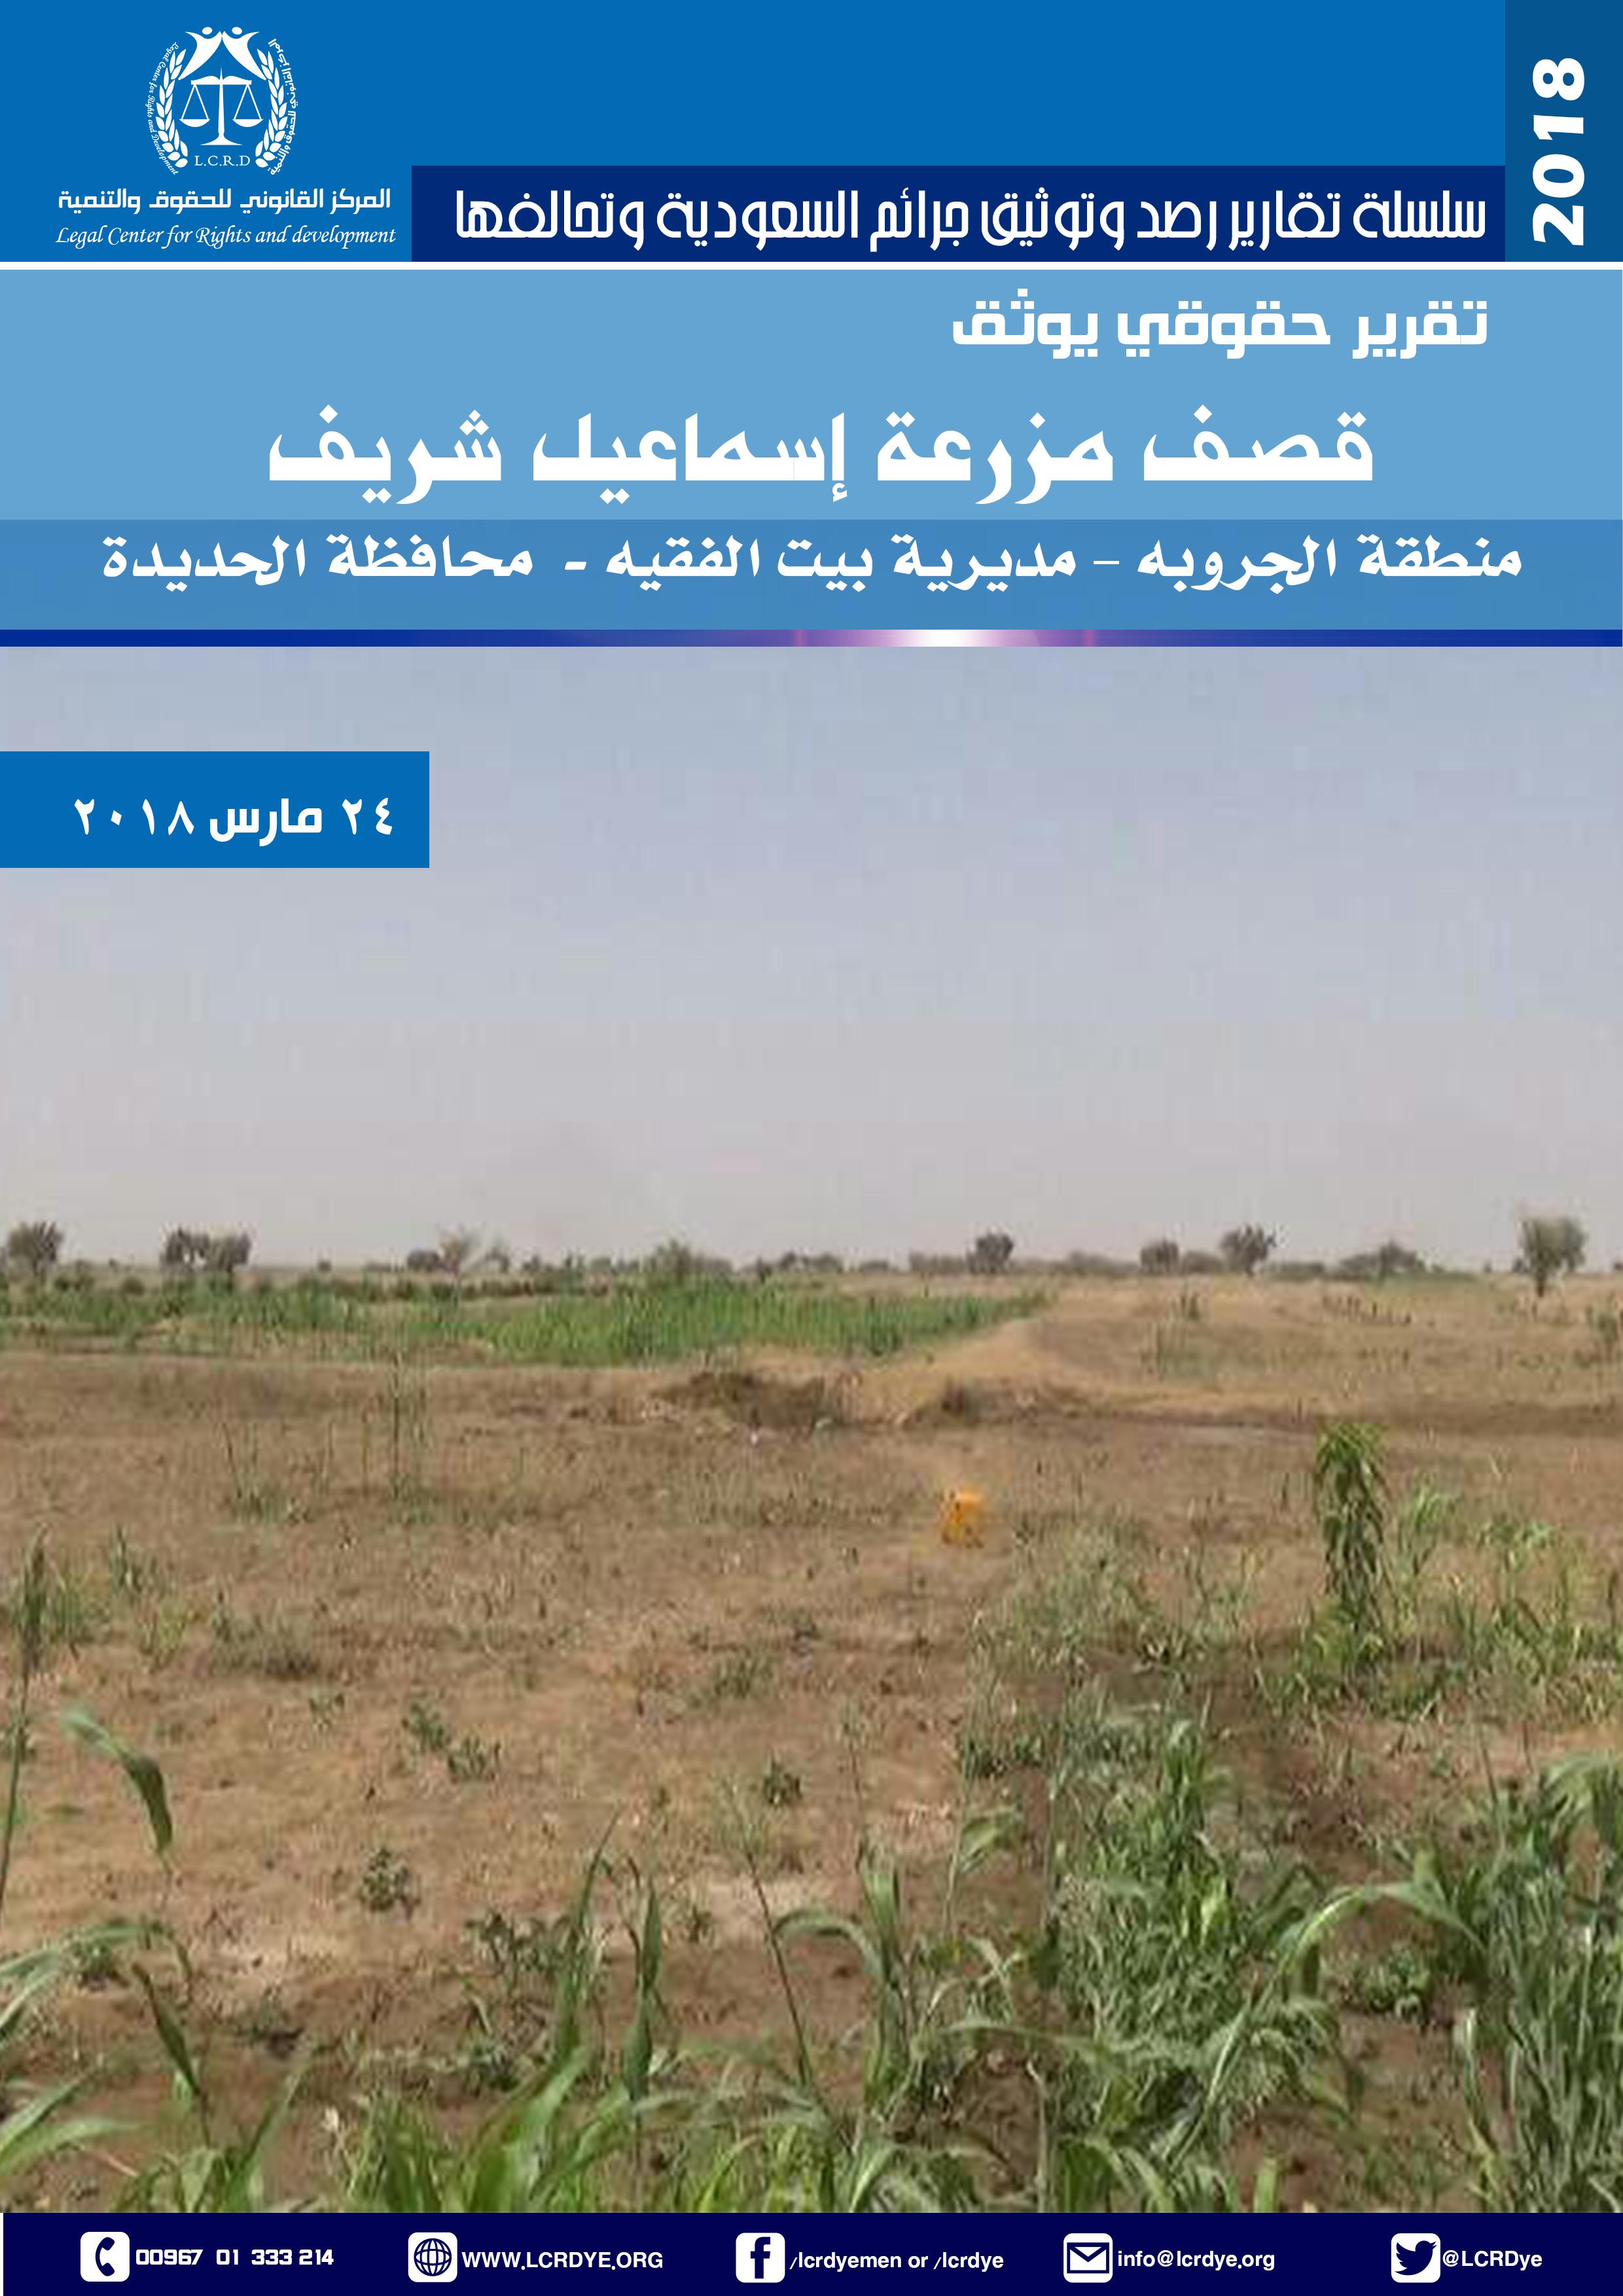 غلاف مزرعة إسماعيل الشريف – الحديدة 24-3